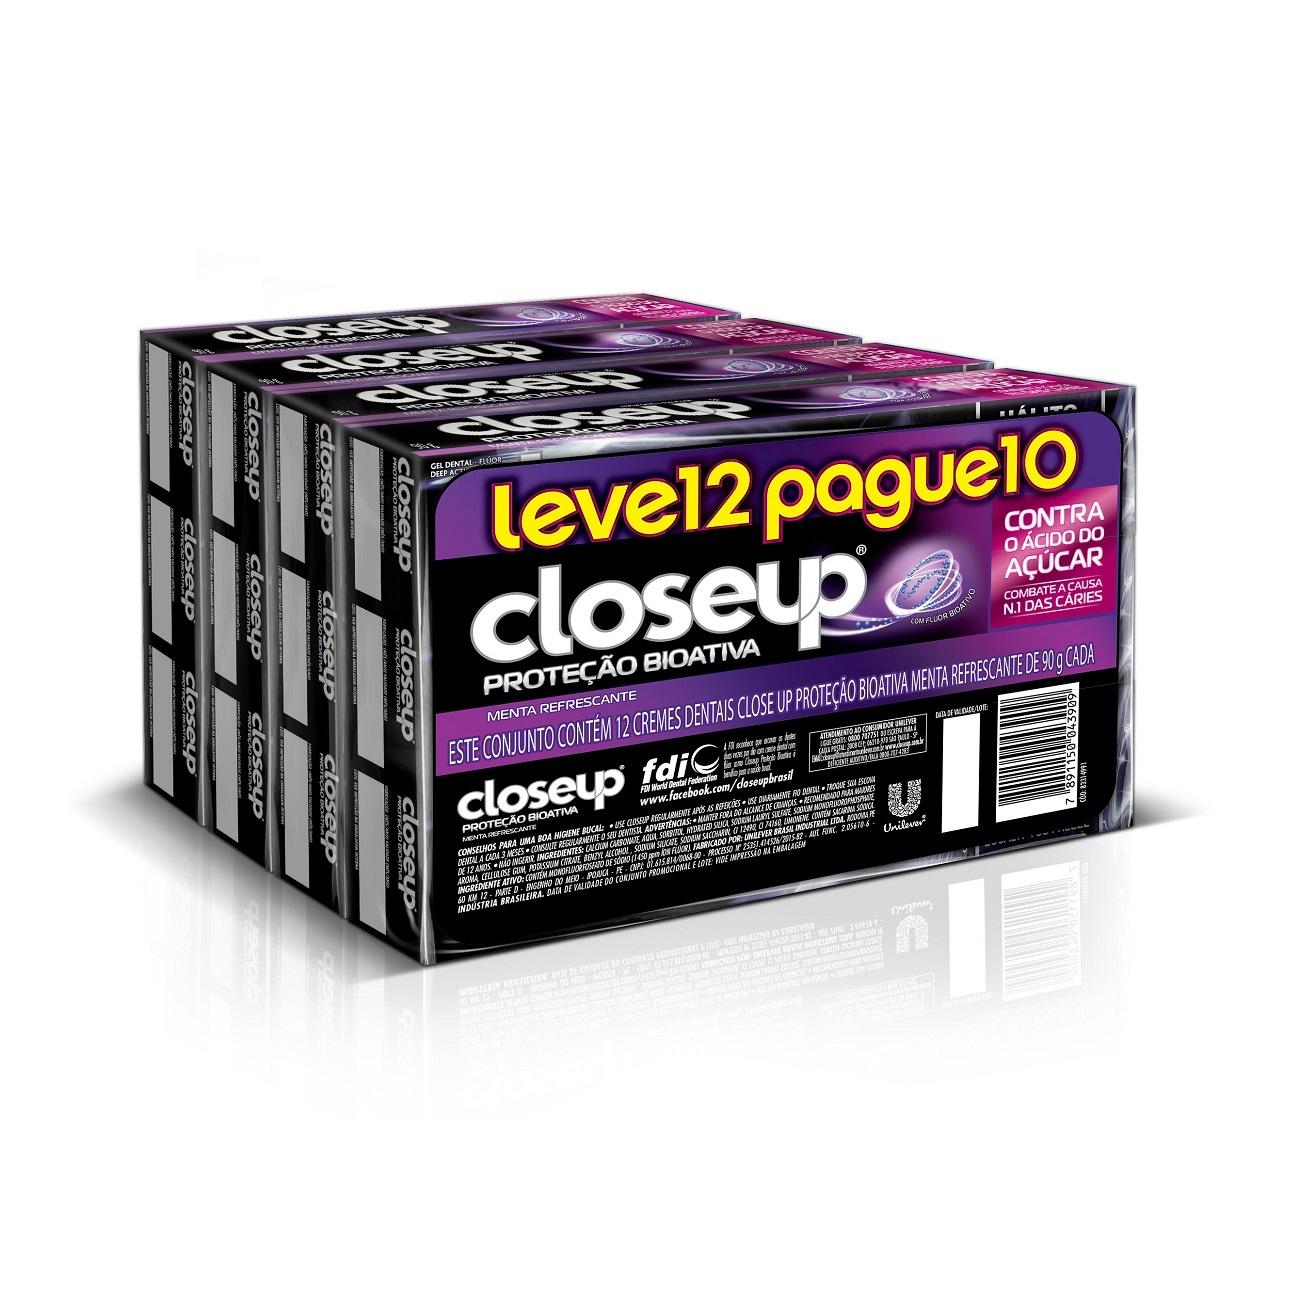 Oferta Leve 12 Pague 10 Creme Dental Close Up Proteção Bioativa 90g